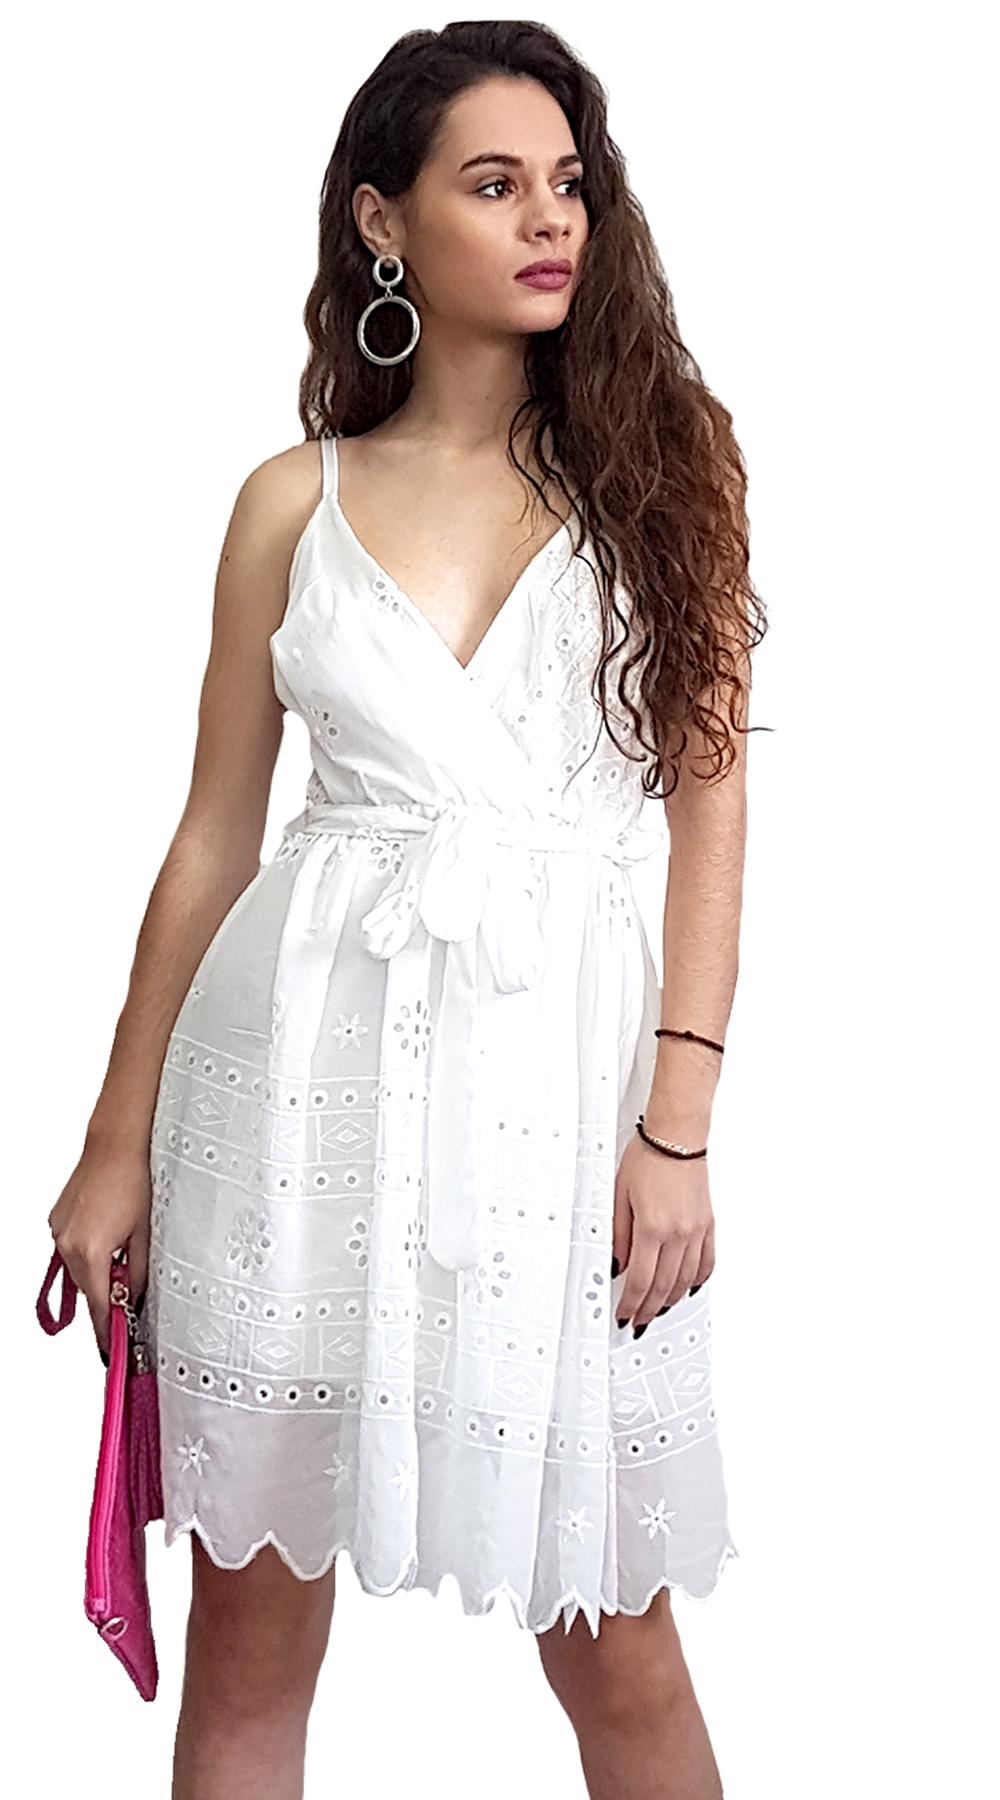 Δαντελωτό Κρουαζέ Φόρεμα με Ζώνη - MissReina - SP19SOF-52021 φορέματα μίνι φορέματα